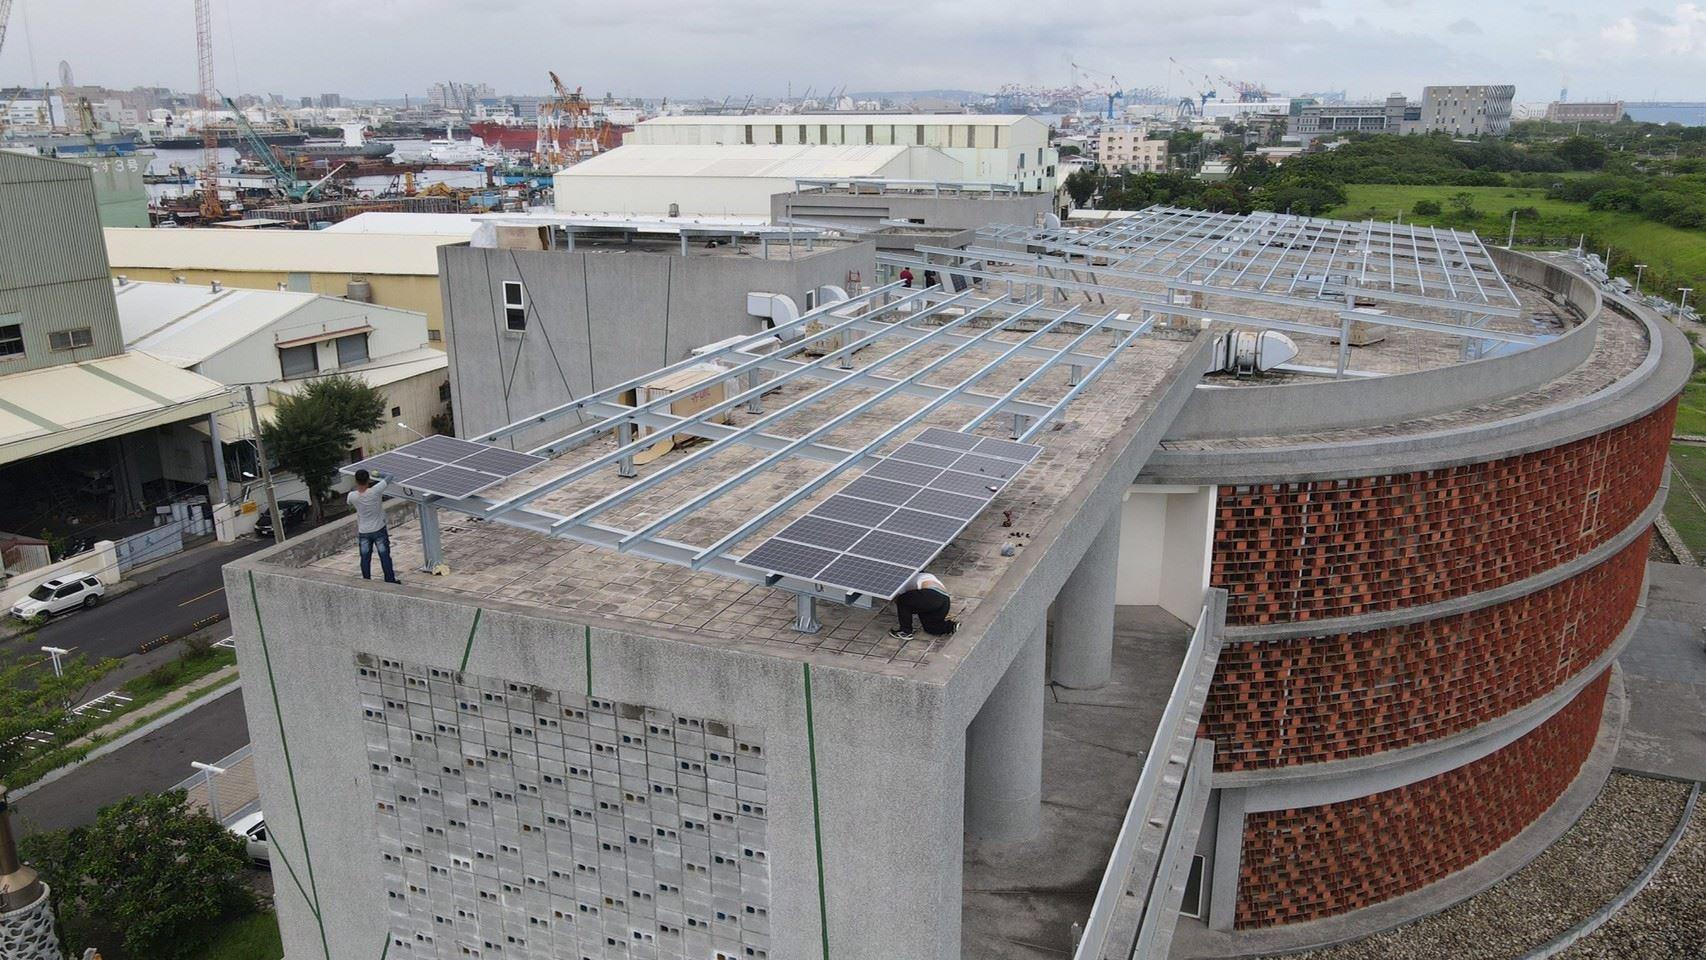 0617 空拍照(屋頂模組鋪設與鋼構搭設)_210618_1.jpg